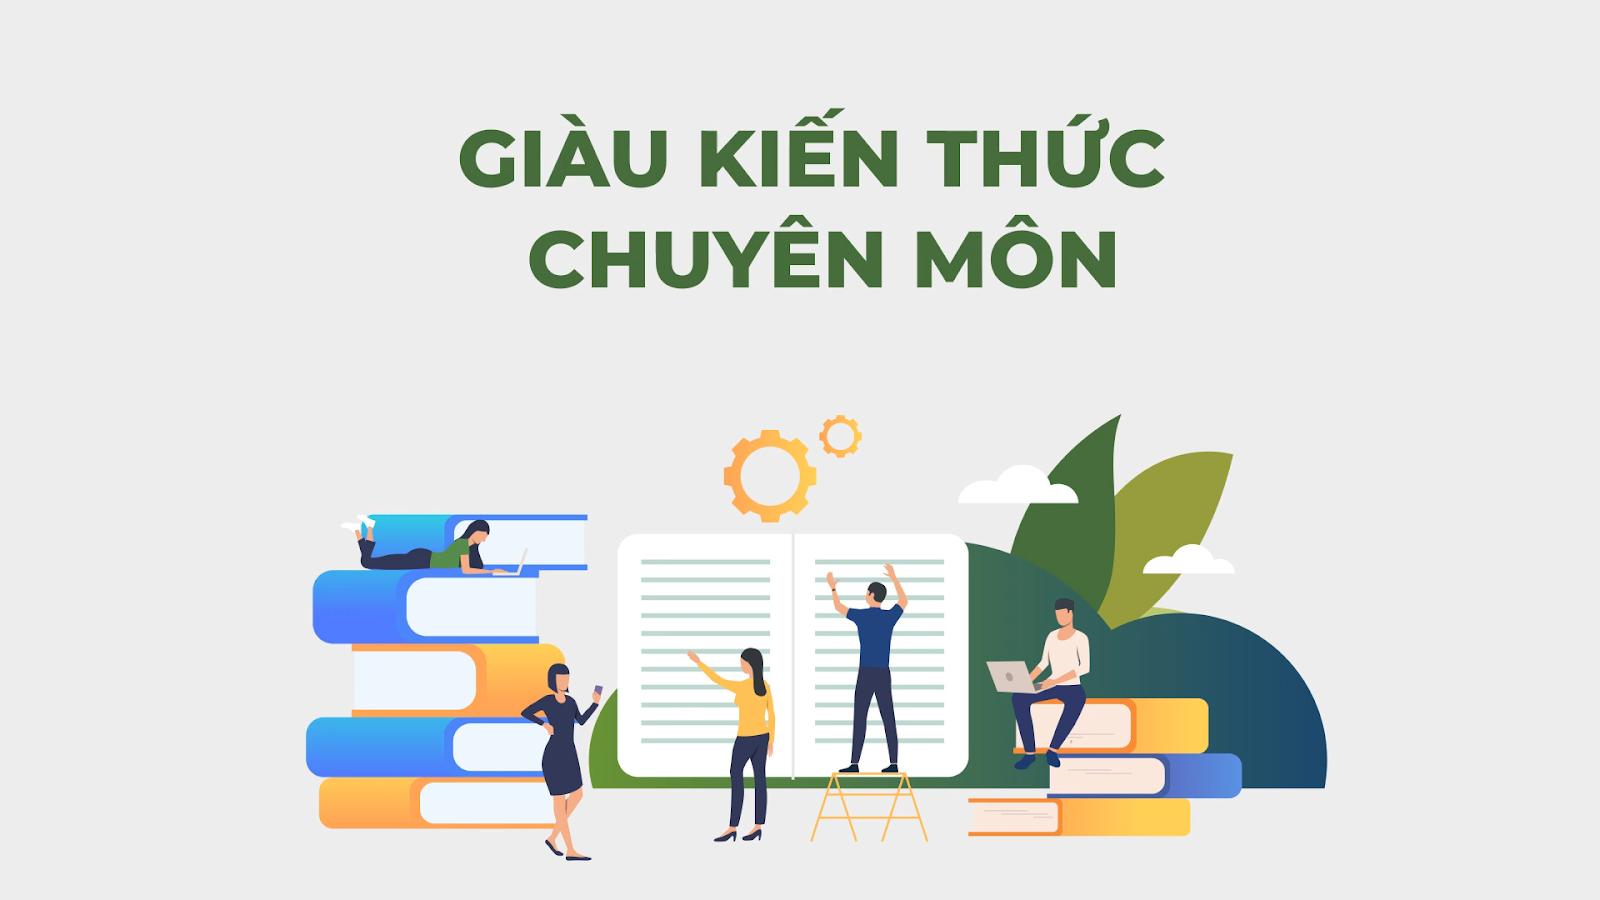 agency-ben-ngoai-se-cung-cap-doi-ngu-nhan-su-giau-kien-thuc-chuyen-mon-hon